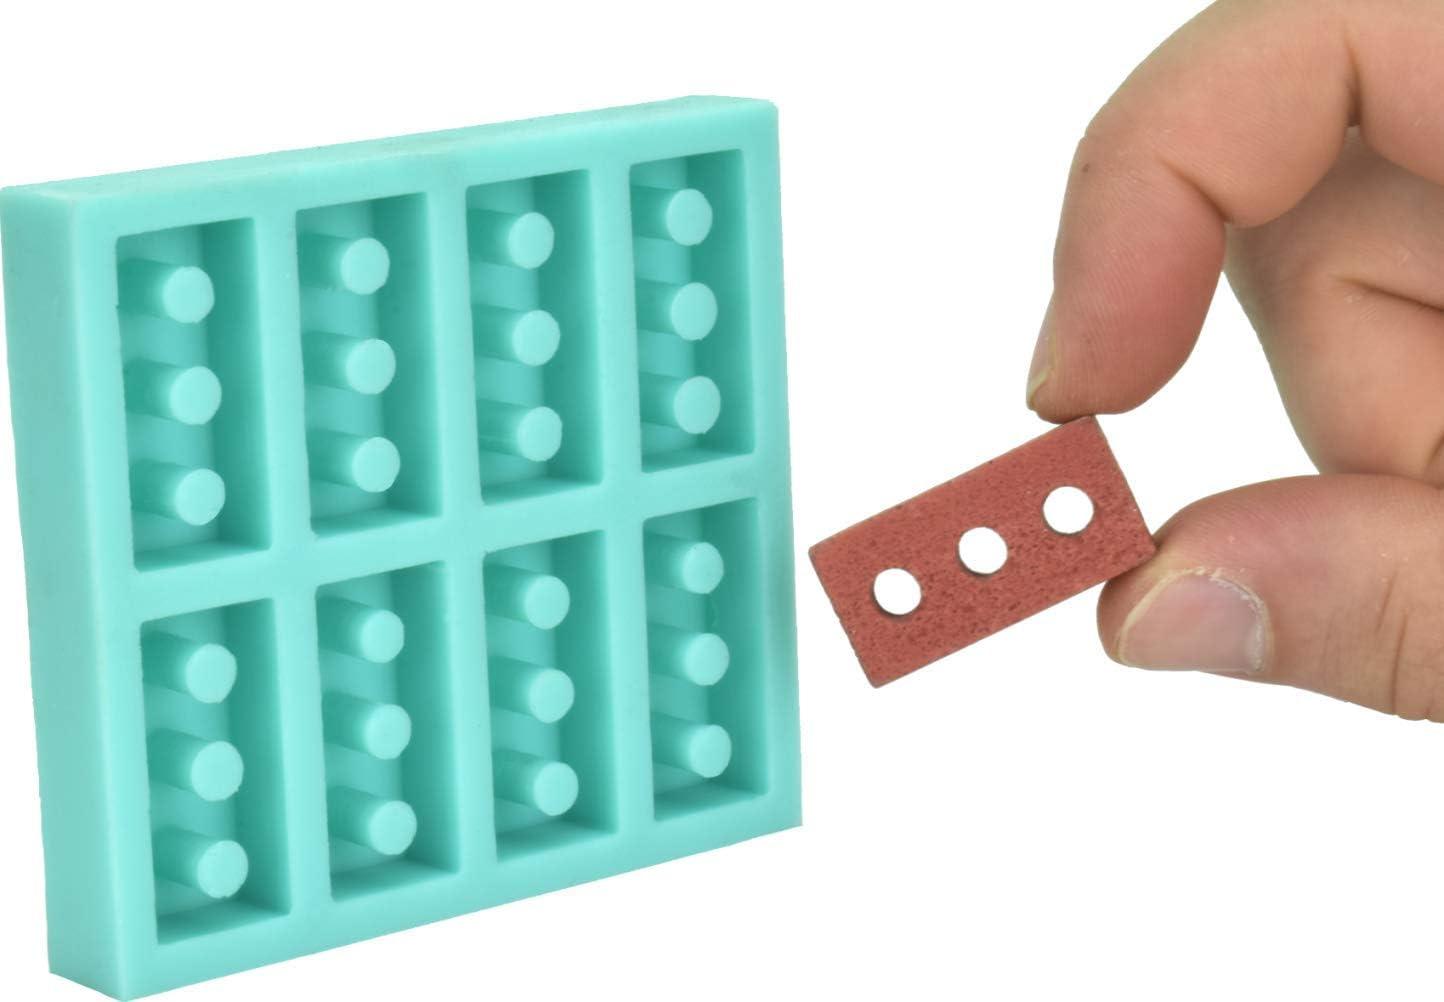 Acacia Grove Miniature Brick Mold (1:6 Scale), Silicone Rubber